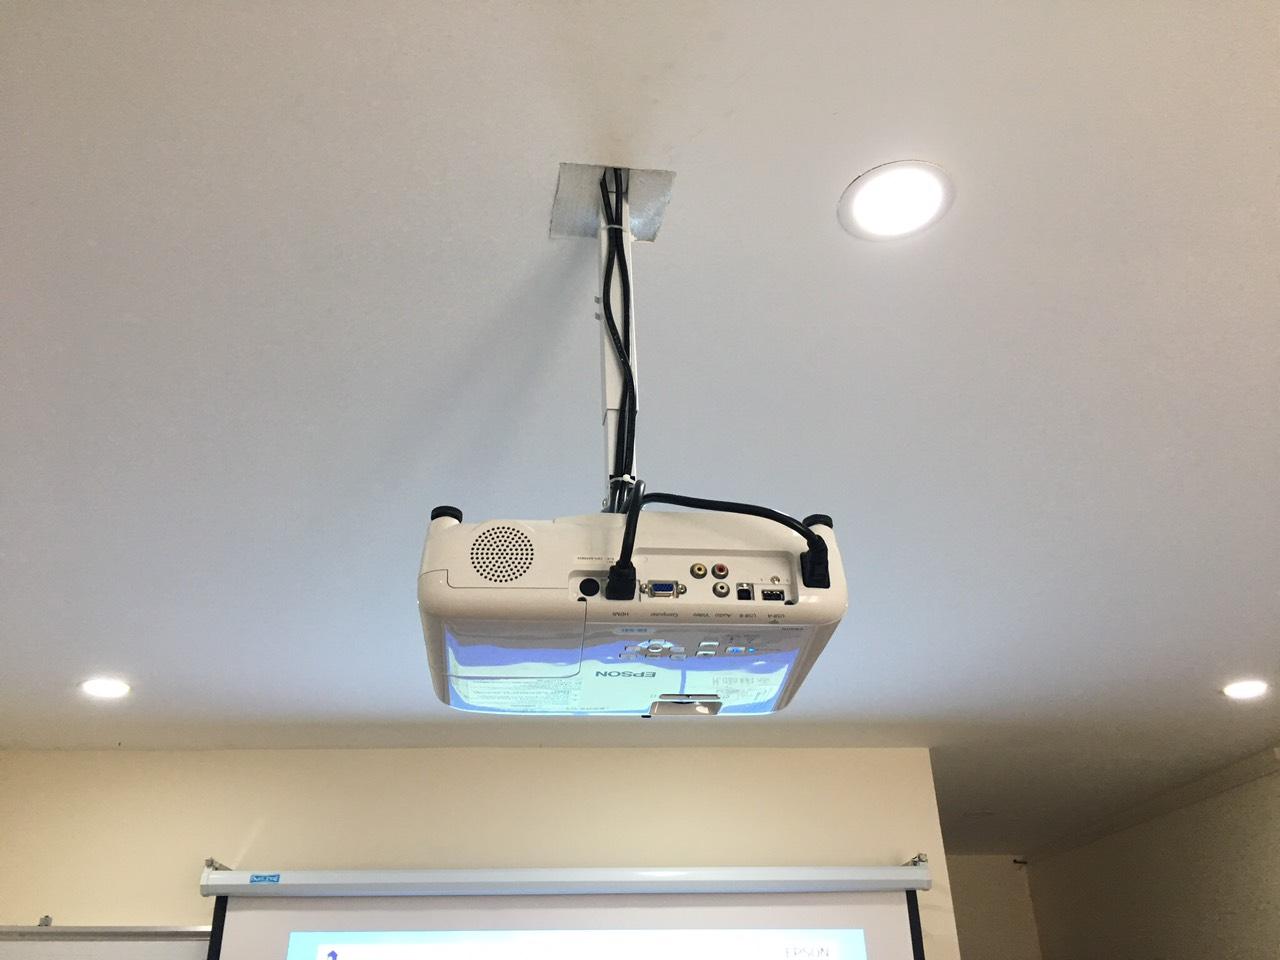 Dịch vụ lắp đặt máy chiếu tại quận Hai Bà Trưng